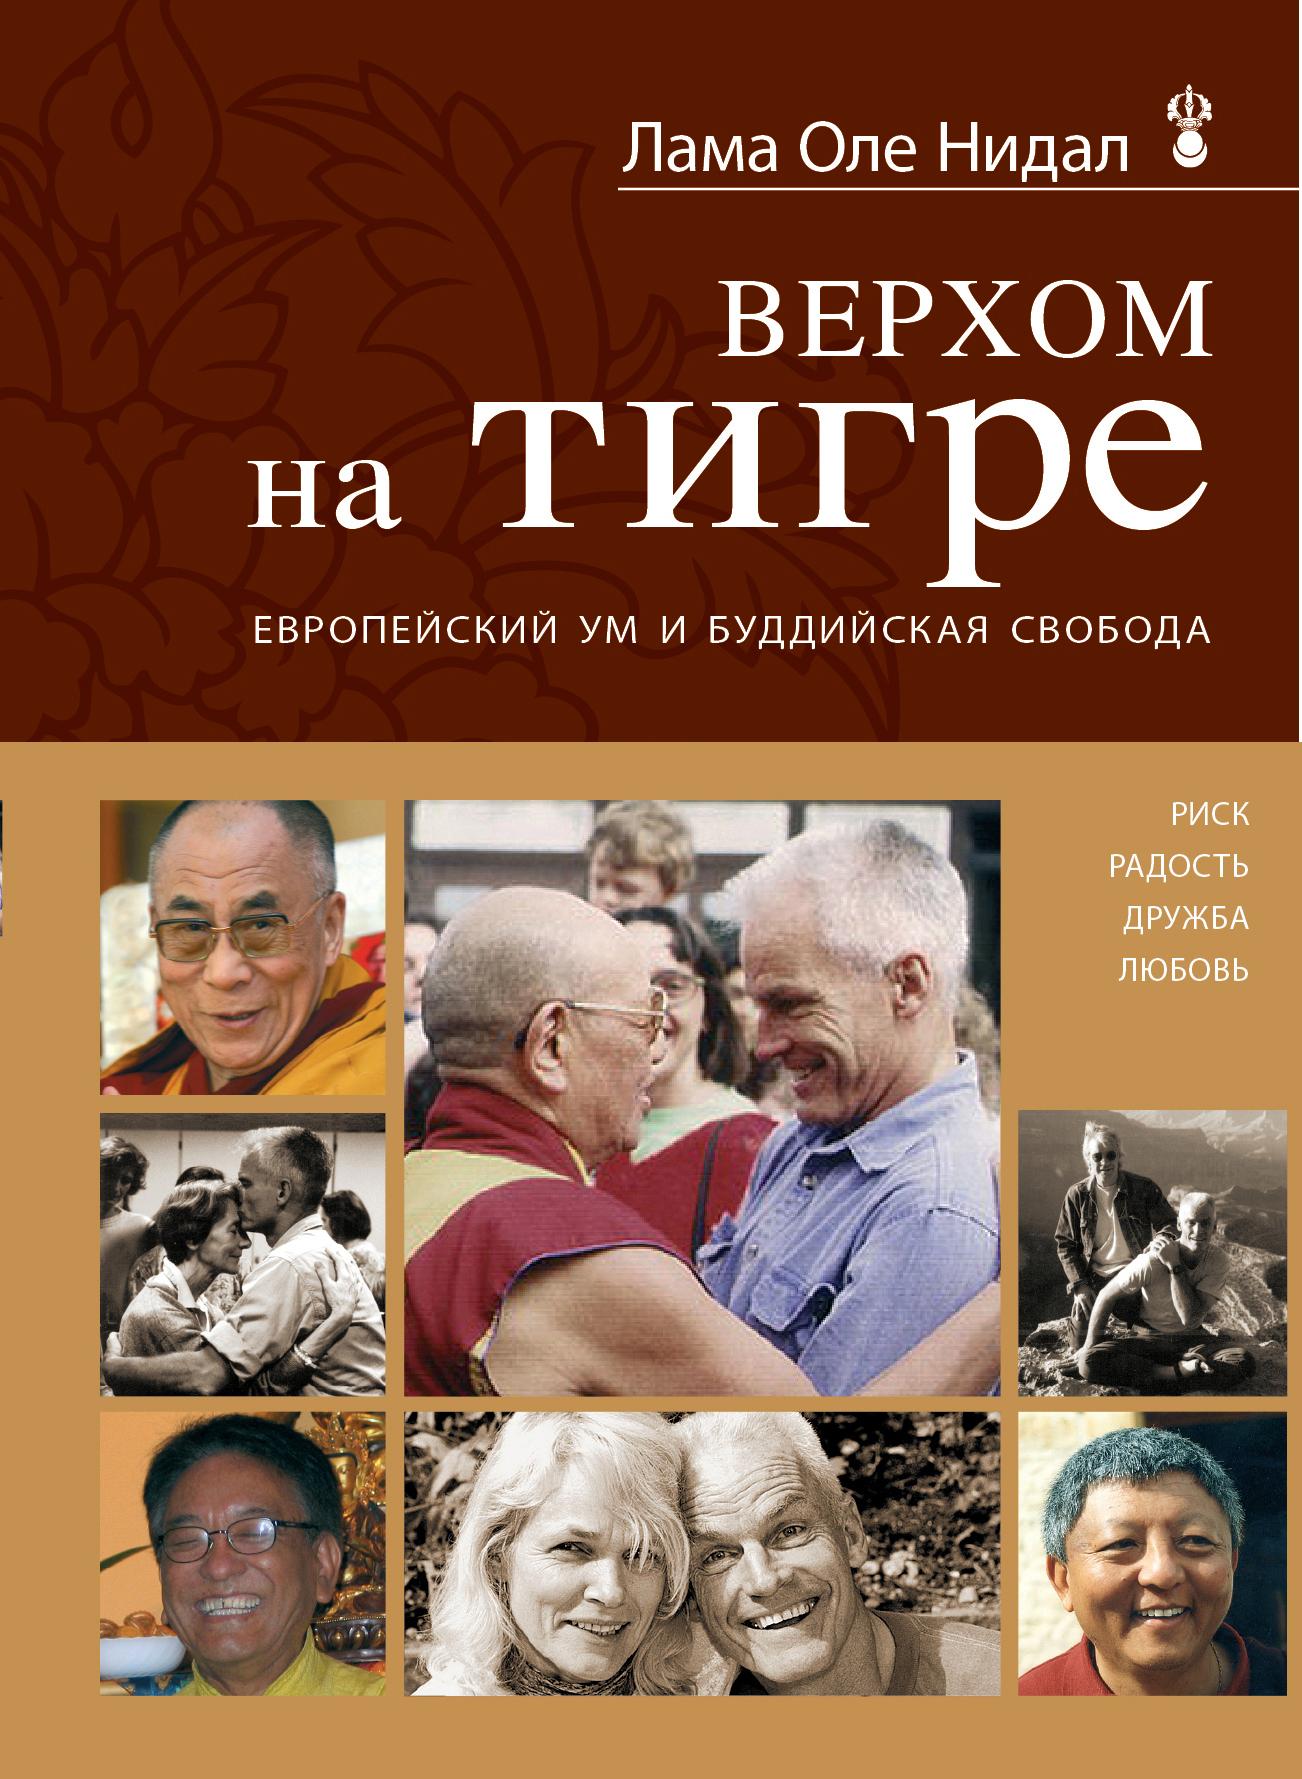 Верхом на тигре. Европейский ум и буддийская свобода ( Нидал О., лама  )